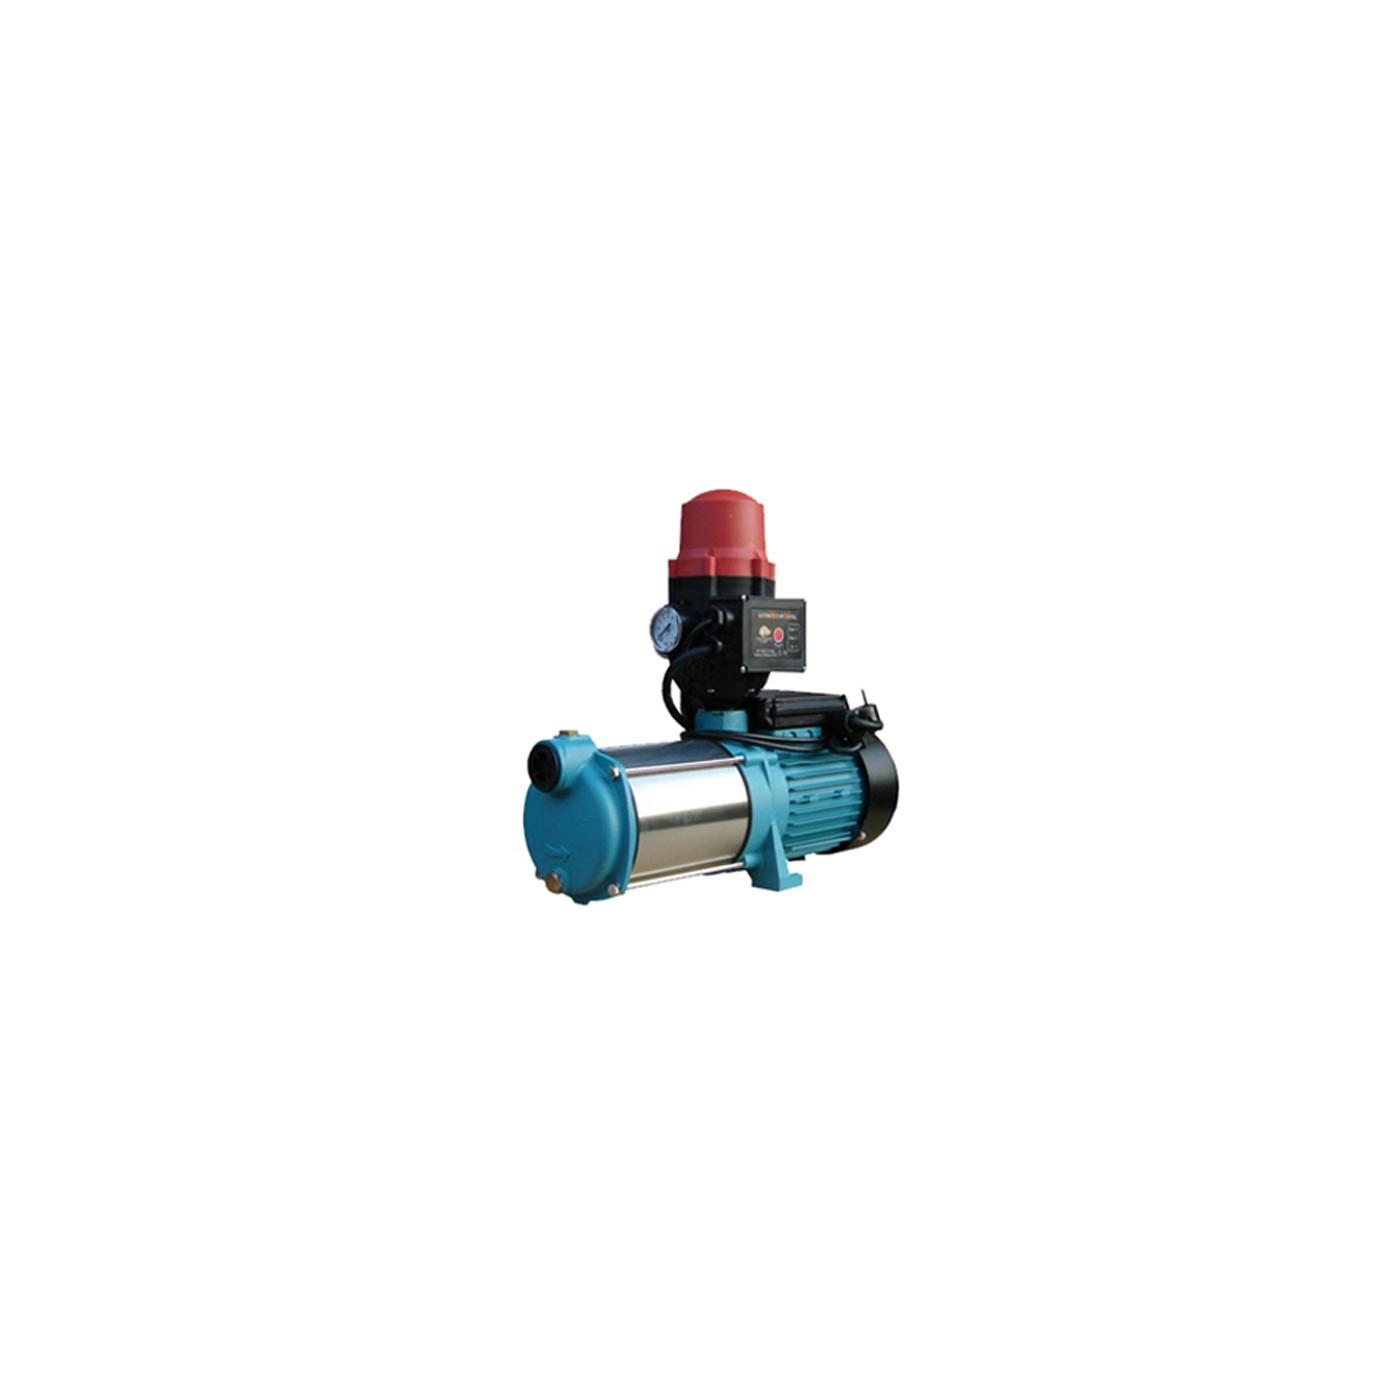 Wasserpumpe 1300 bis 2200W Jetpumpe Gartenpumpe Hauswasserwerk Kreiselpumpe B